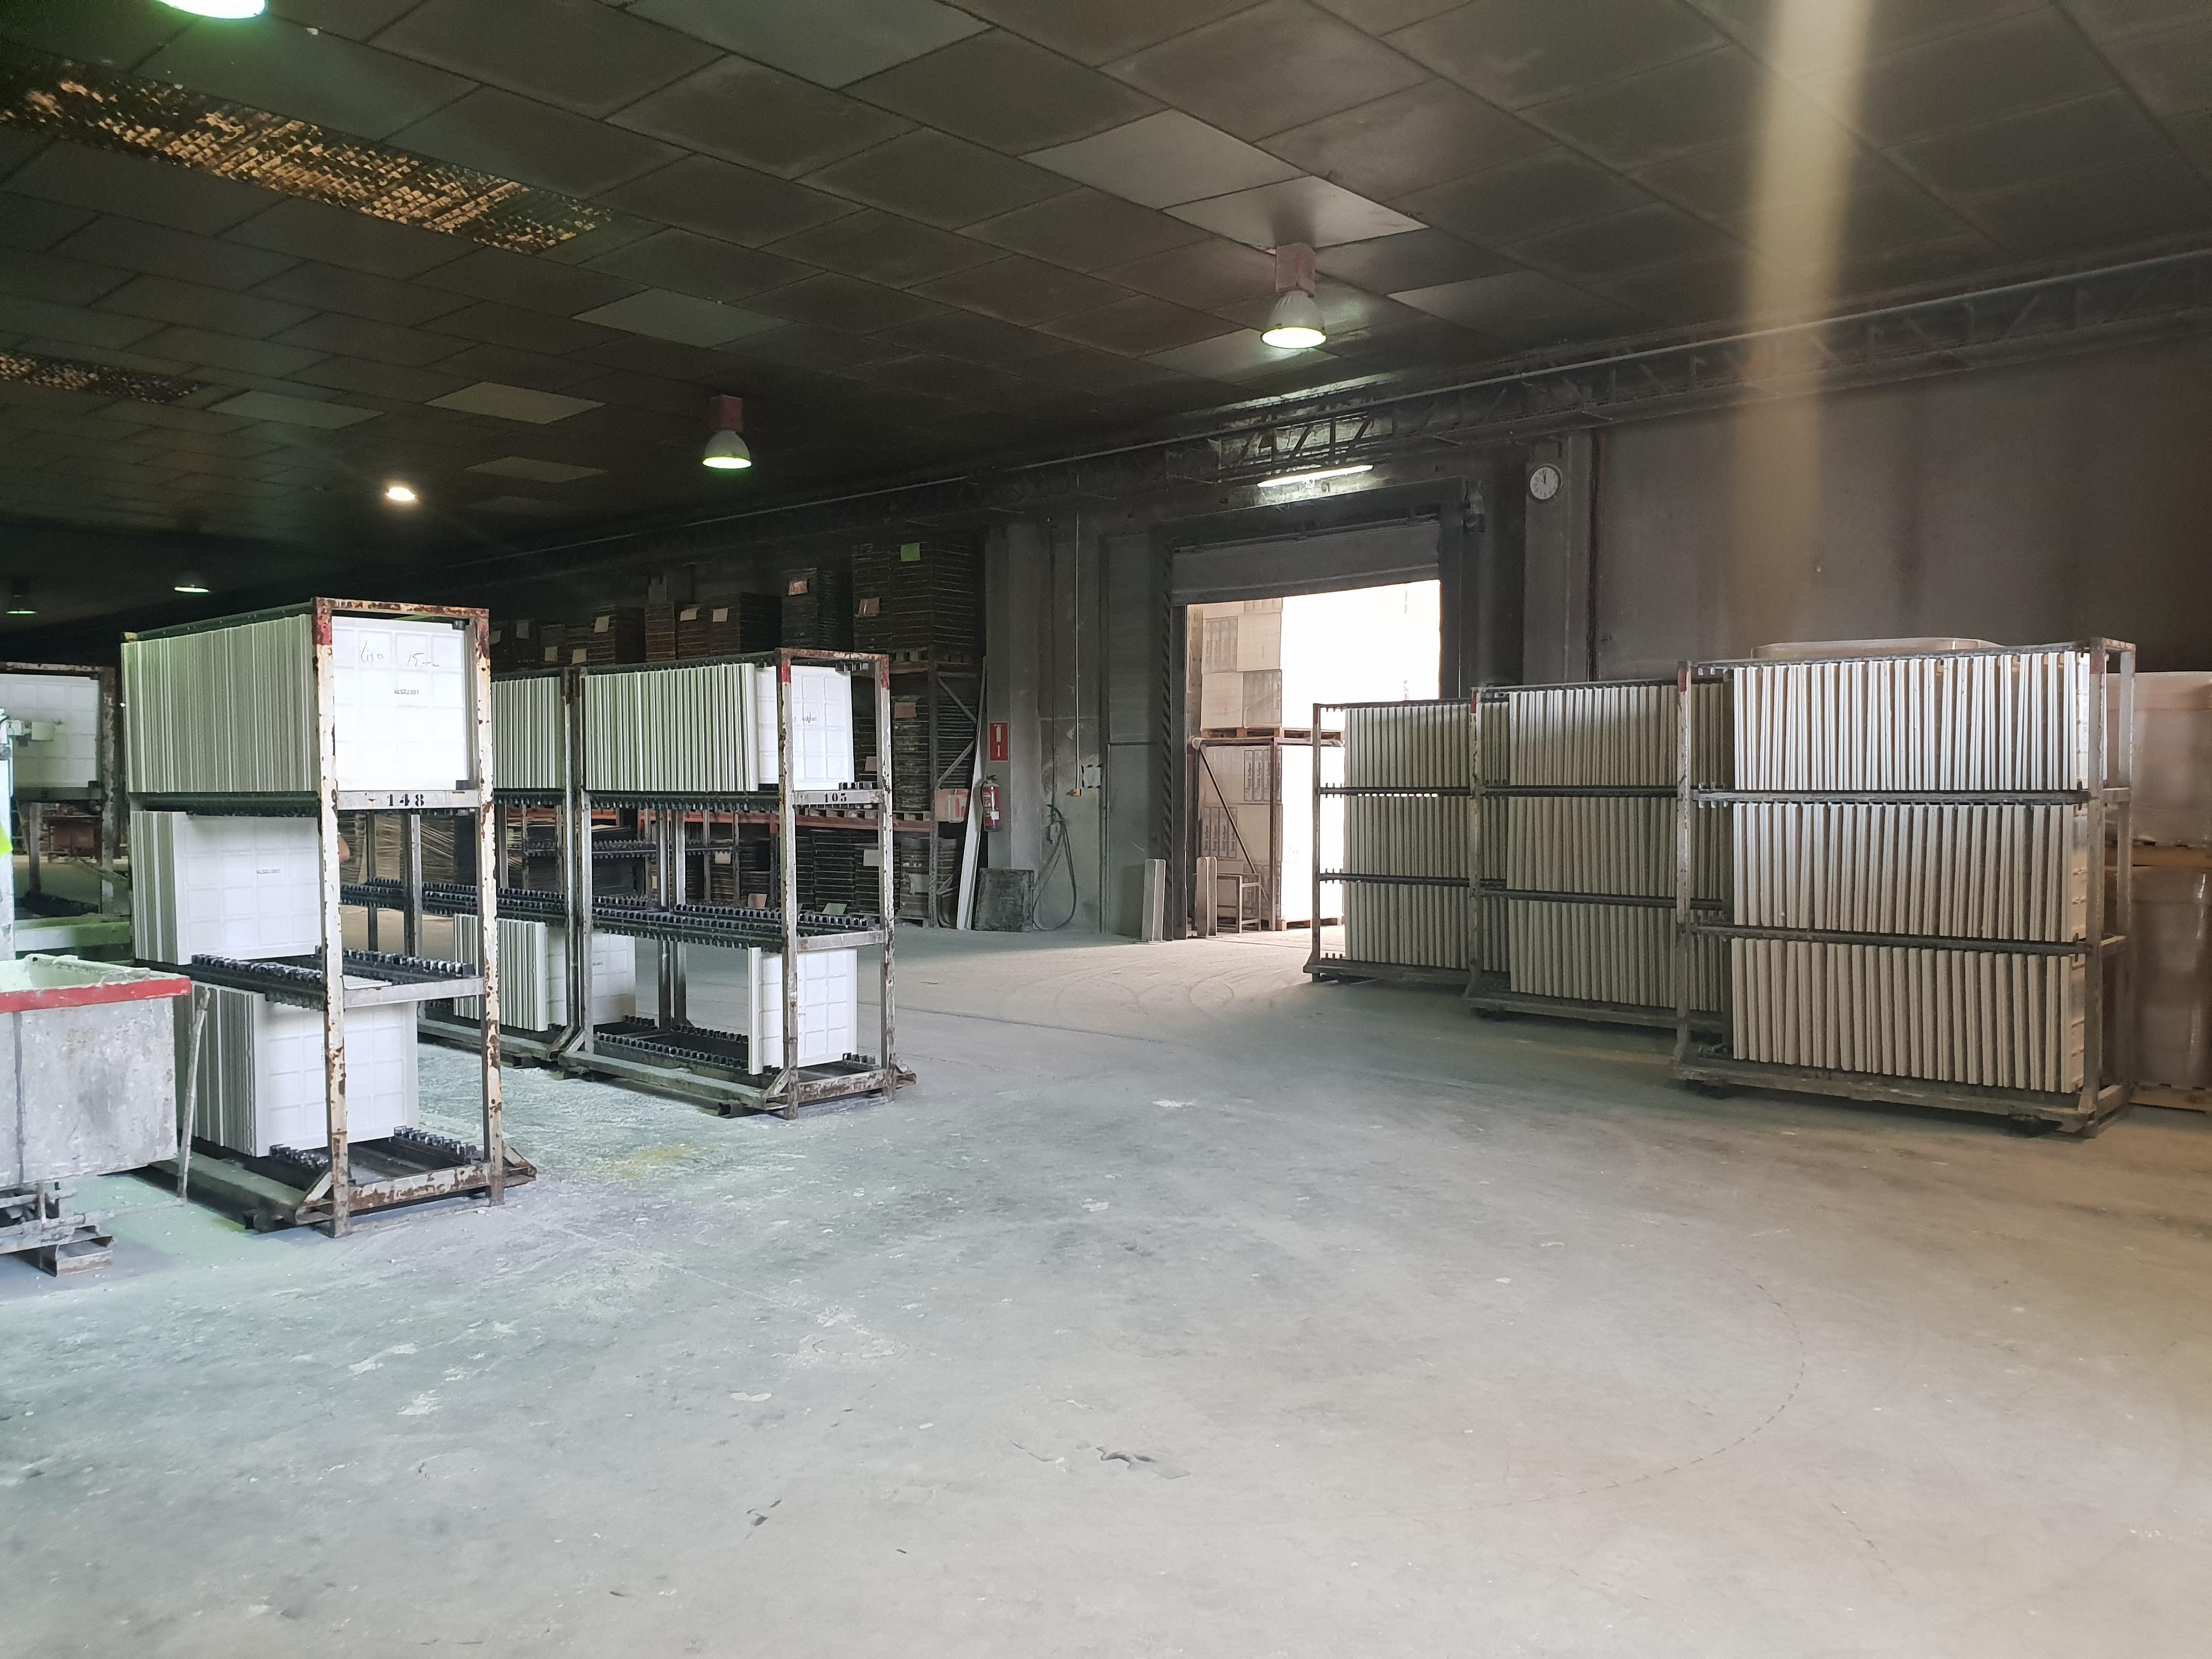 Visita de Exergy a las Instalaciones de producción de Yesyforma Almacén